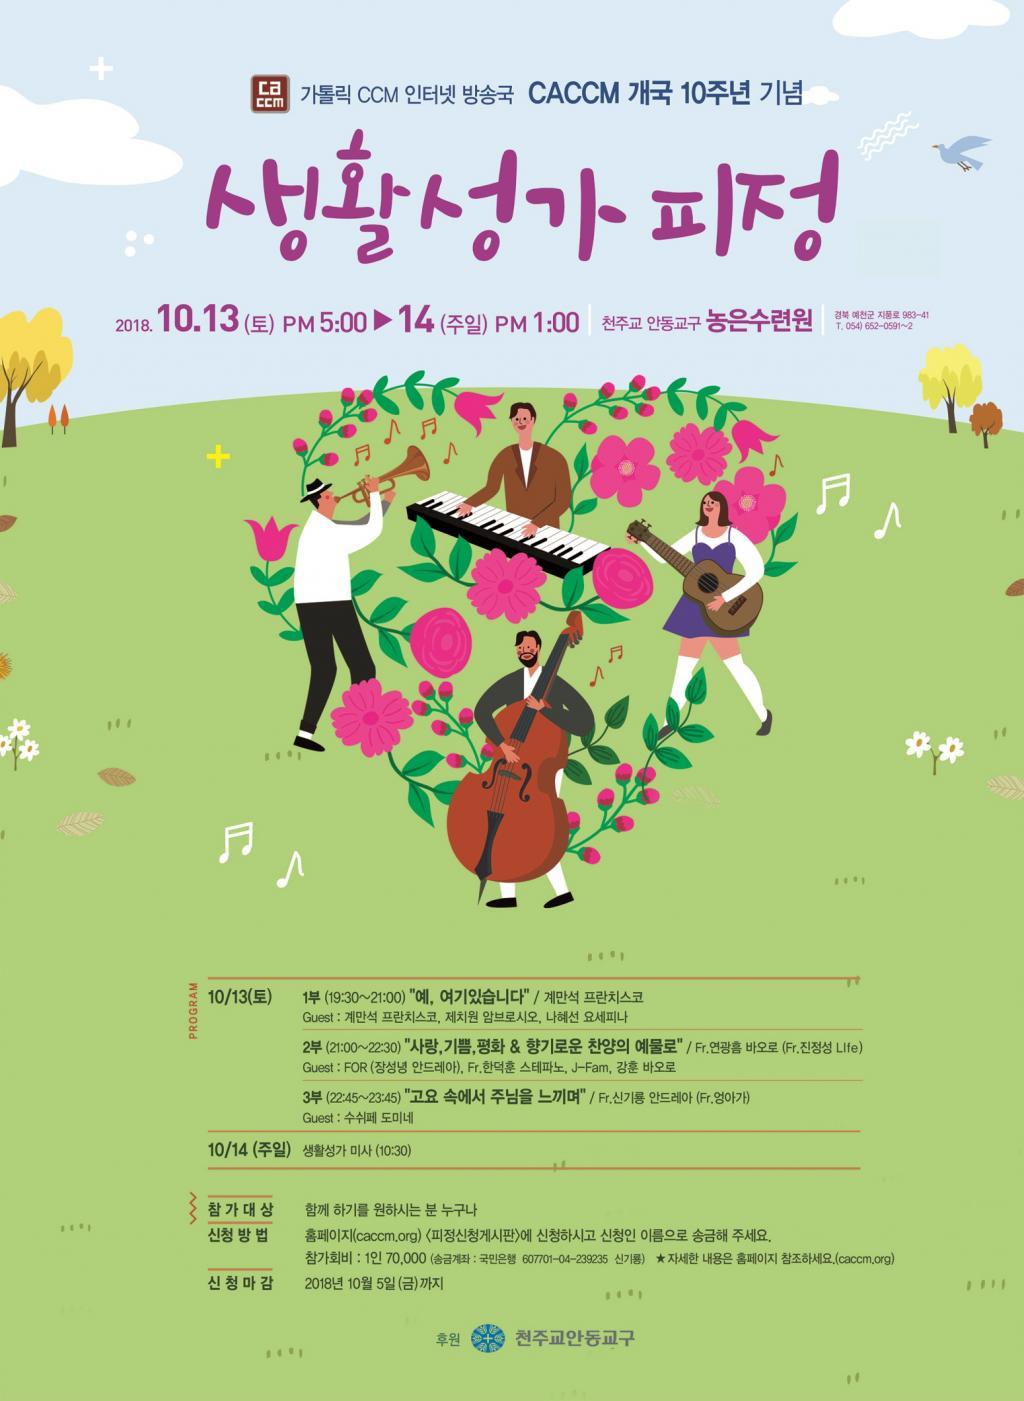 skr_생활성가 피정 포스터 - SNS 2.jpg